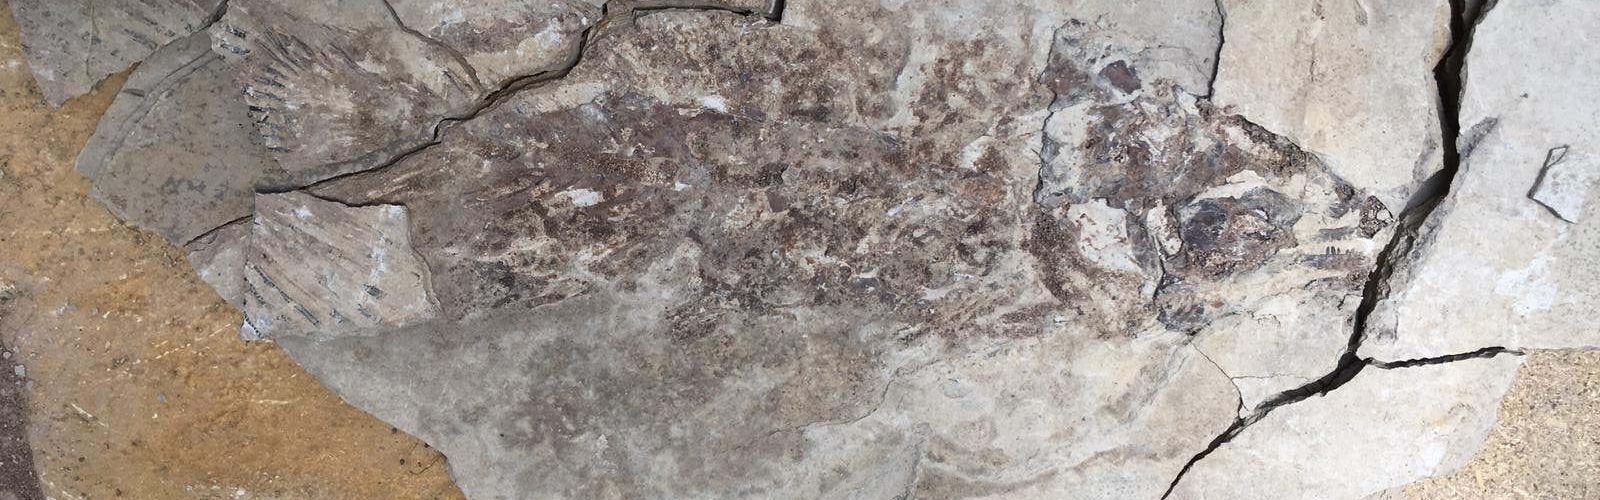 La Asociación Paleontológica de Vinaròs participó en excavaciones en Las Hoyas